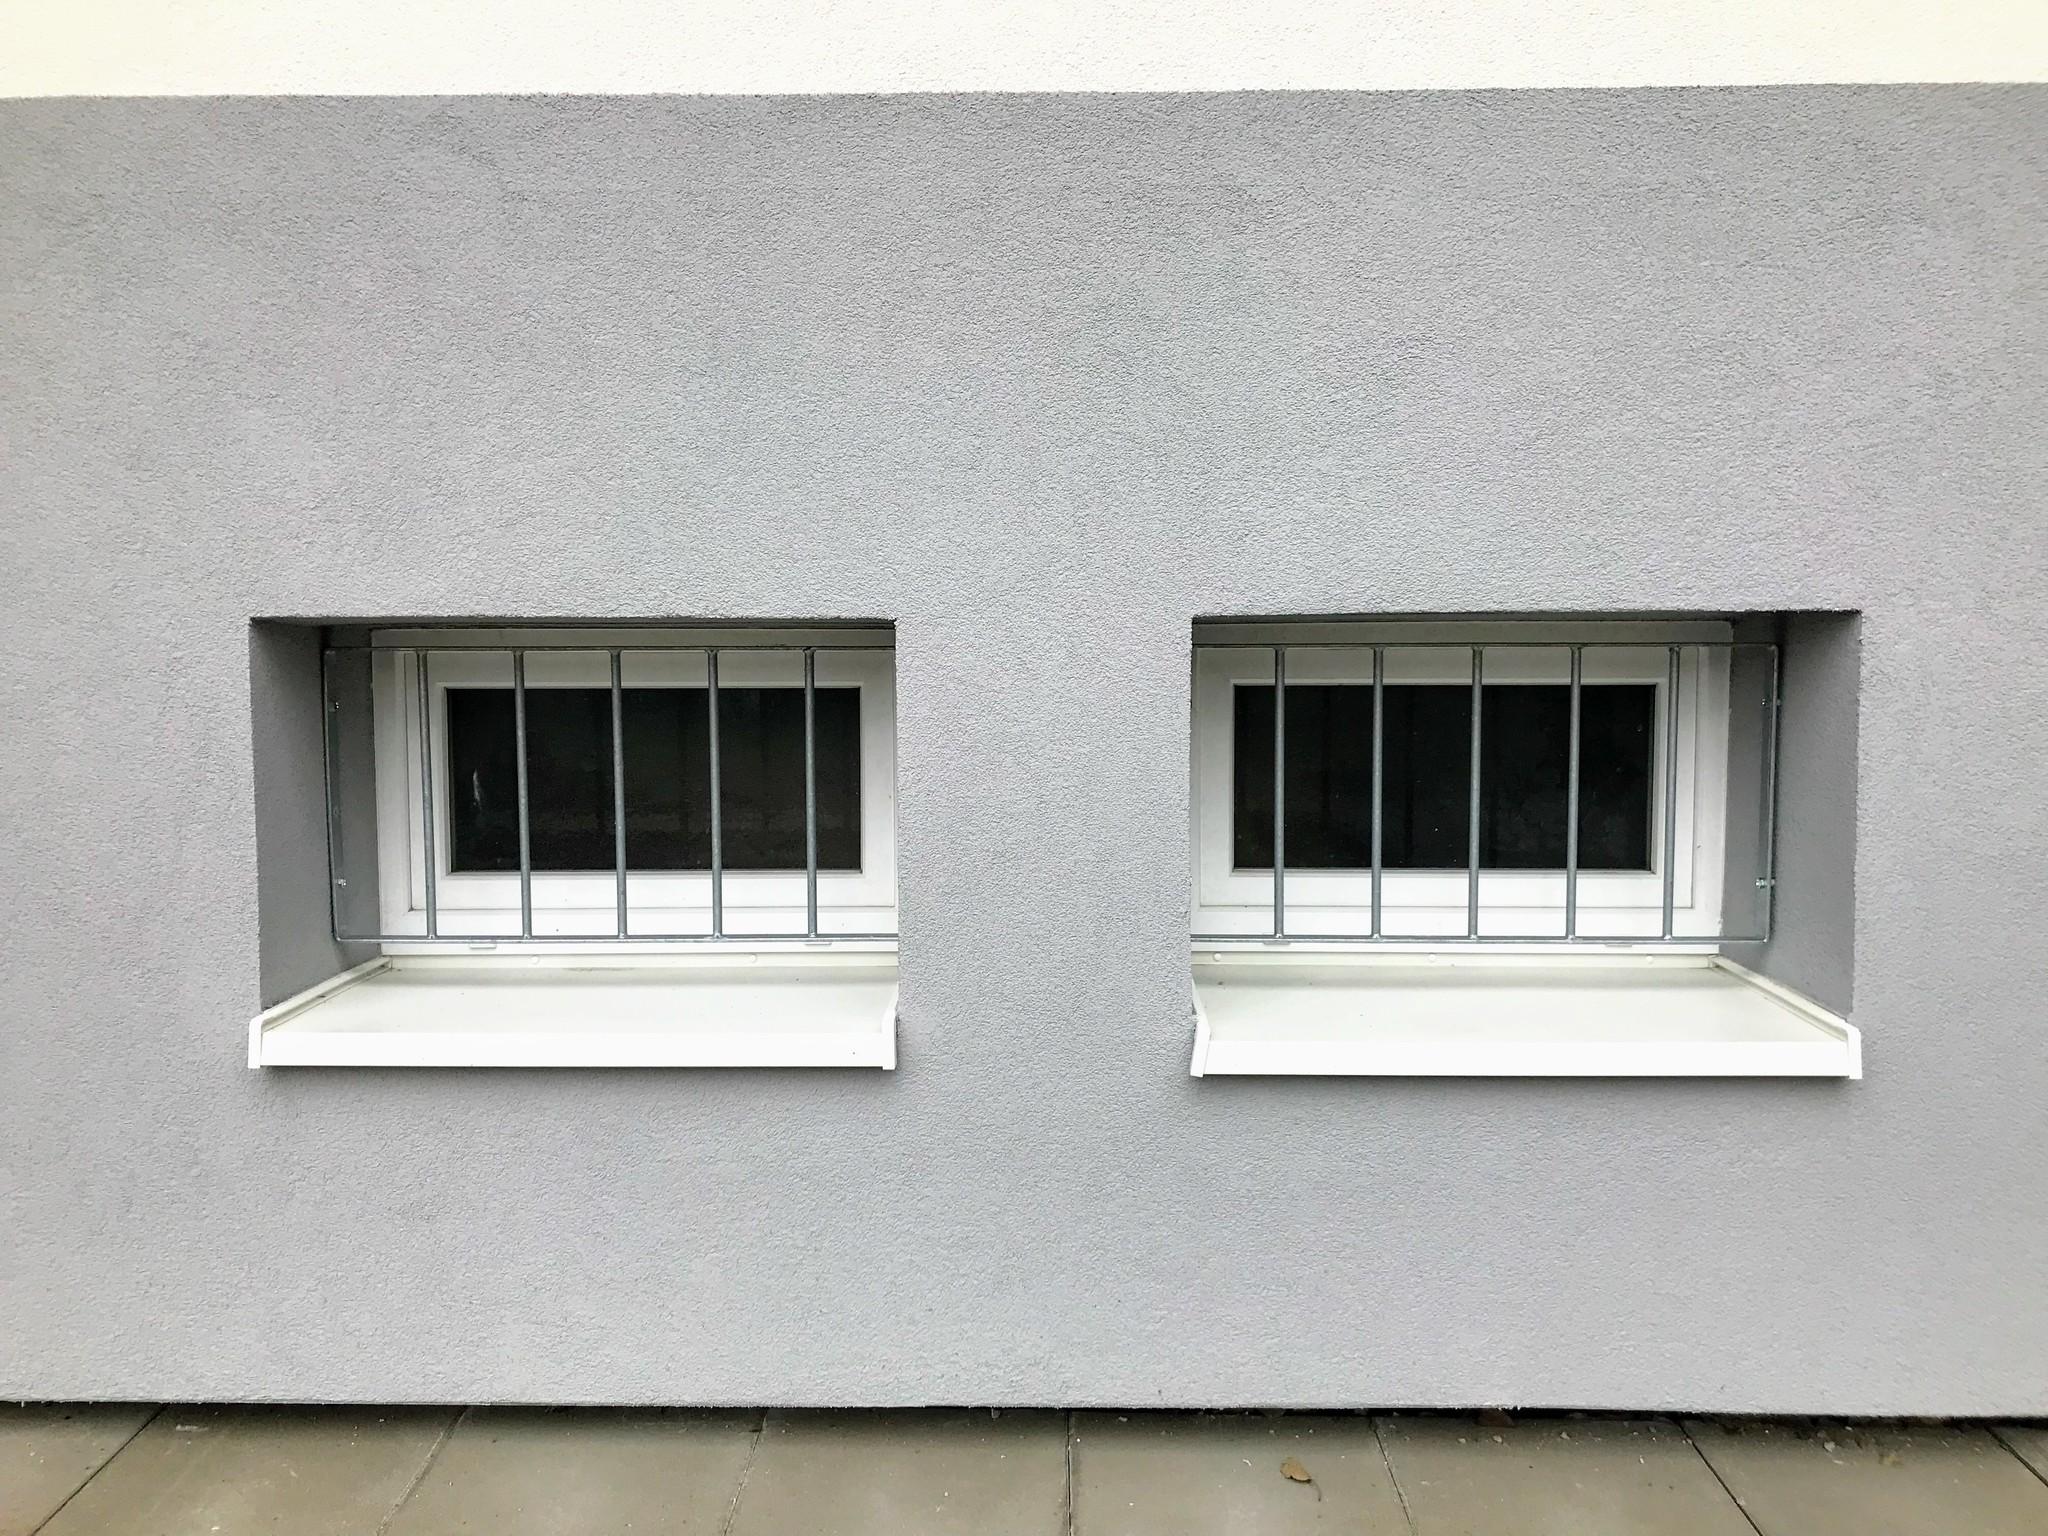 Verzinkter Gitter für Kellerfenster